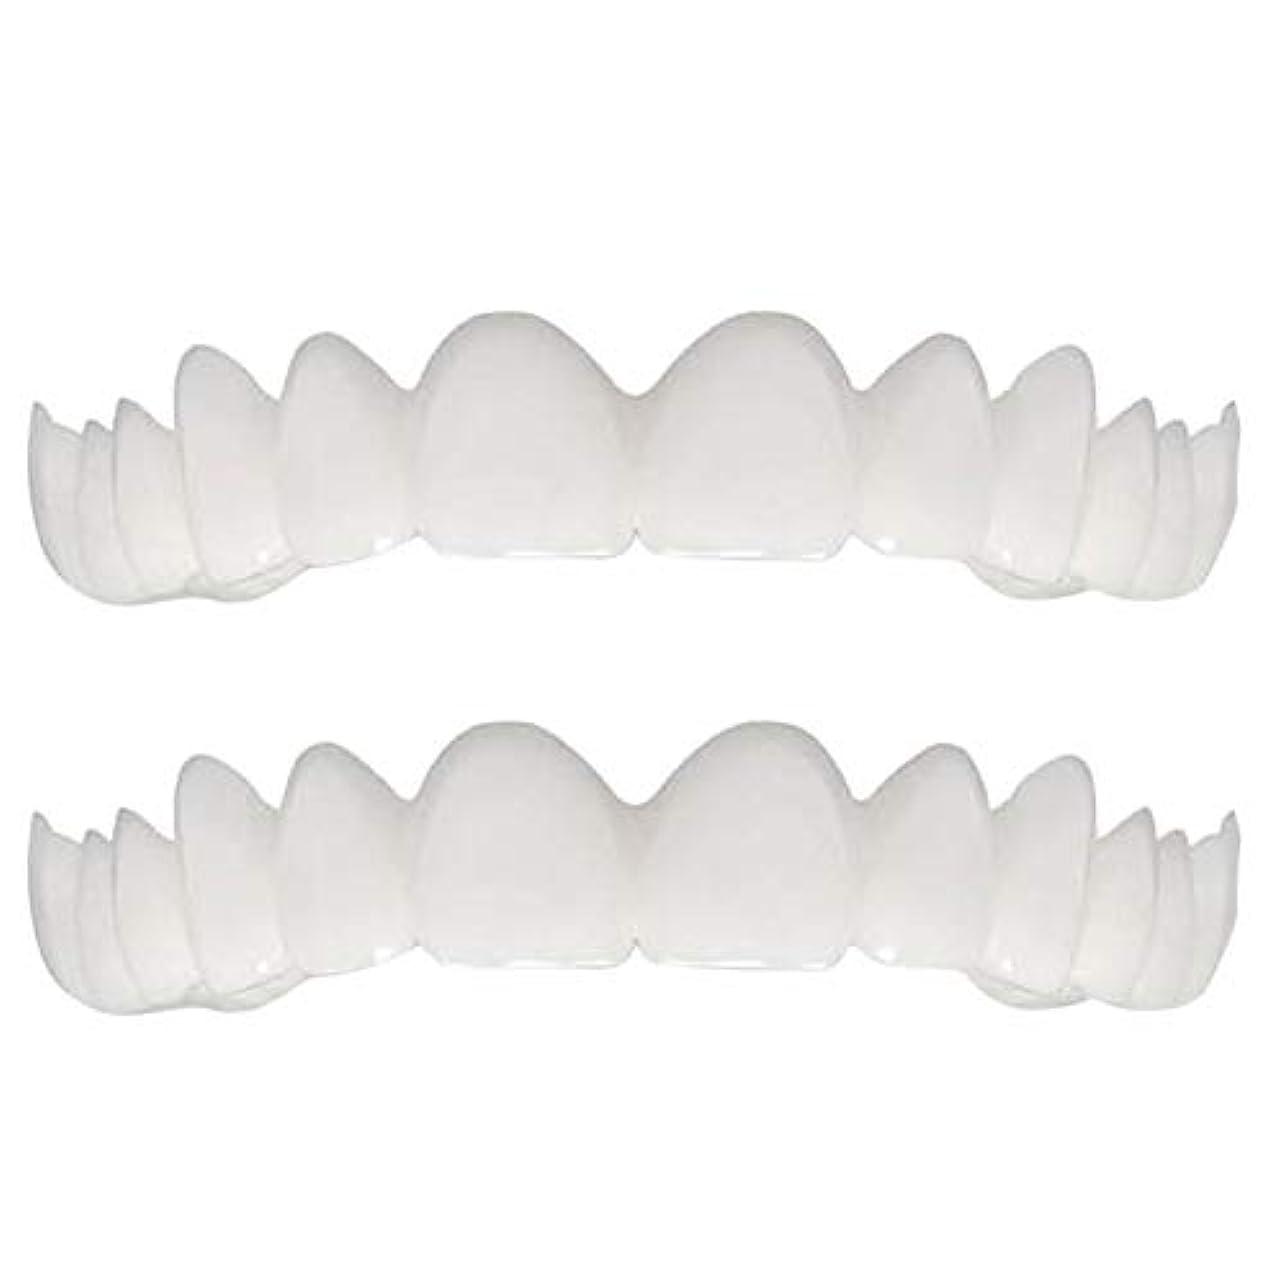 シリコーンシミュレーション義歯、白い歯ブレースの上下の列(5セット),Boxed,UpperLower